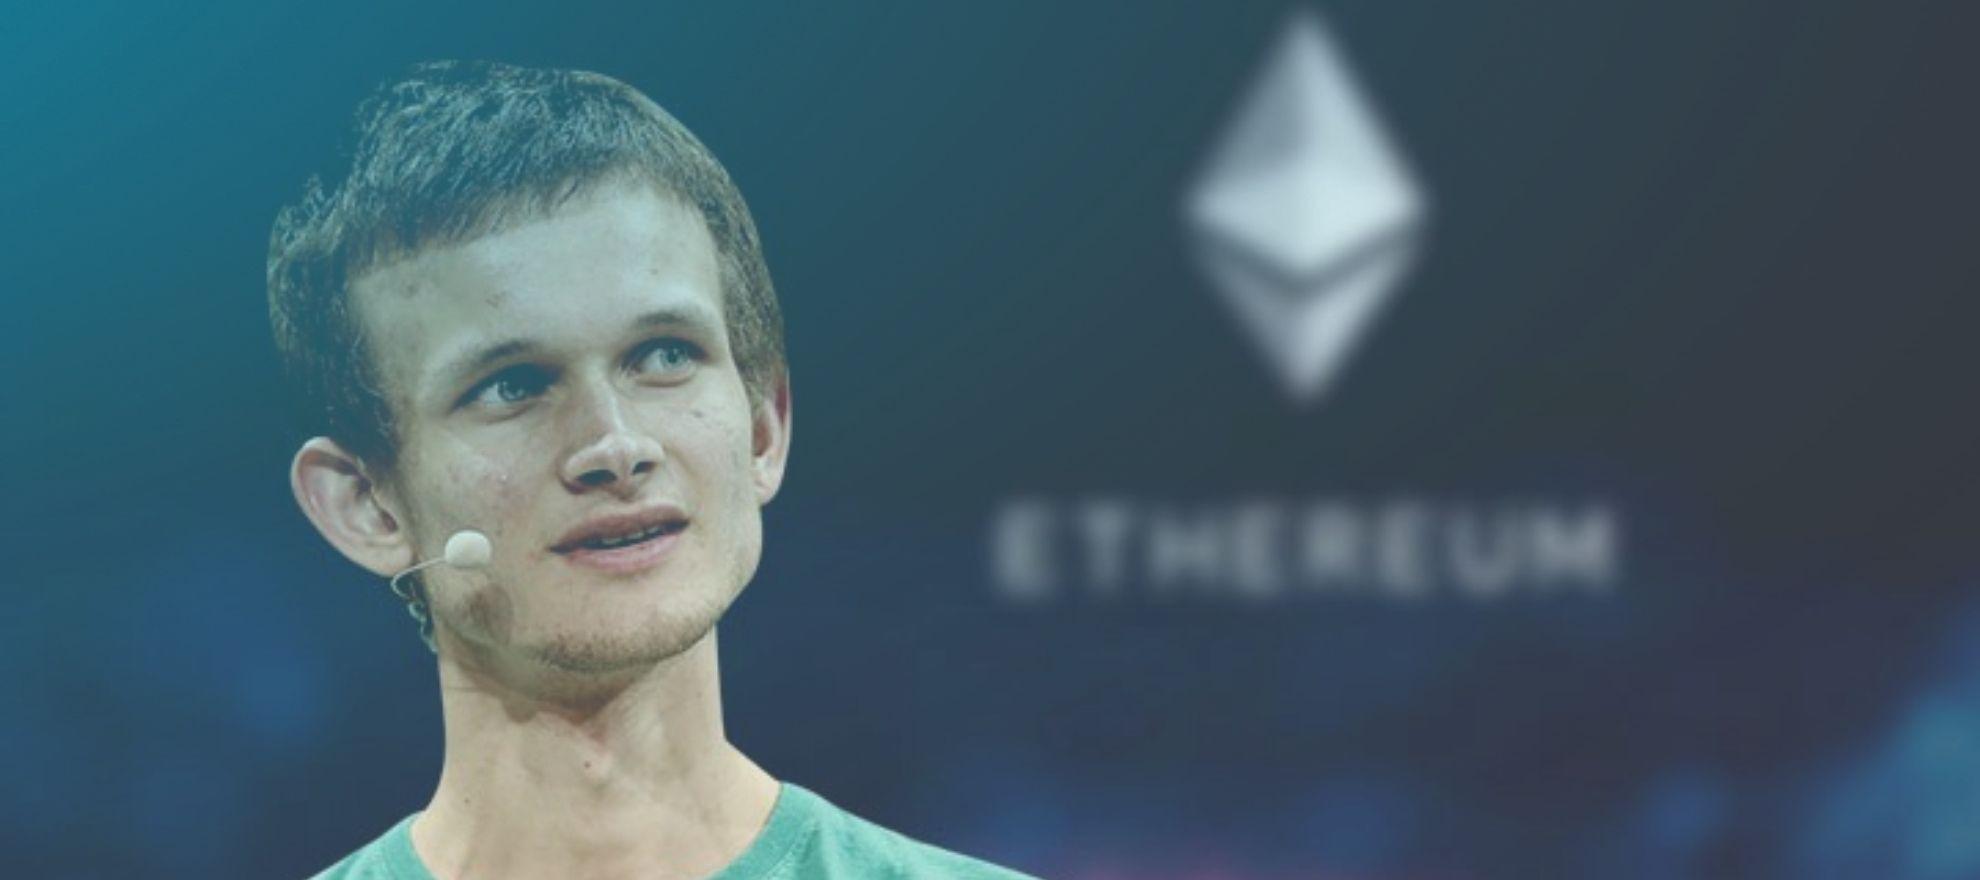 Quem é Vitalik Buterin? Conheça o criador da Ethereum